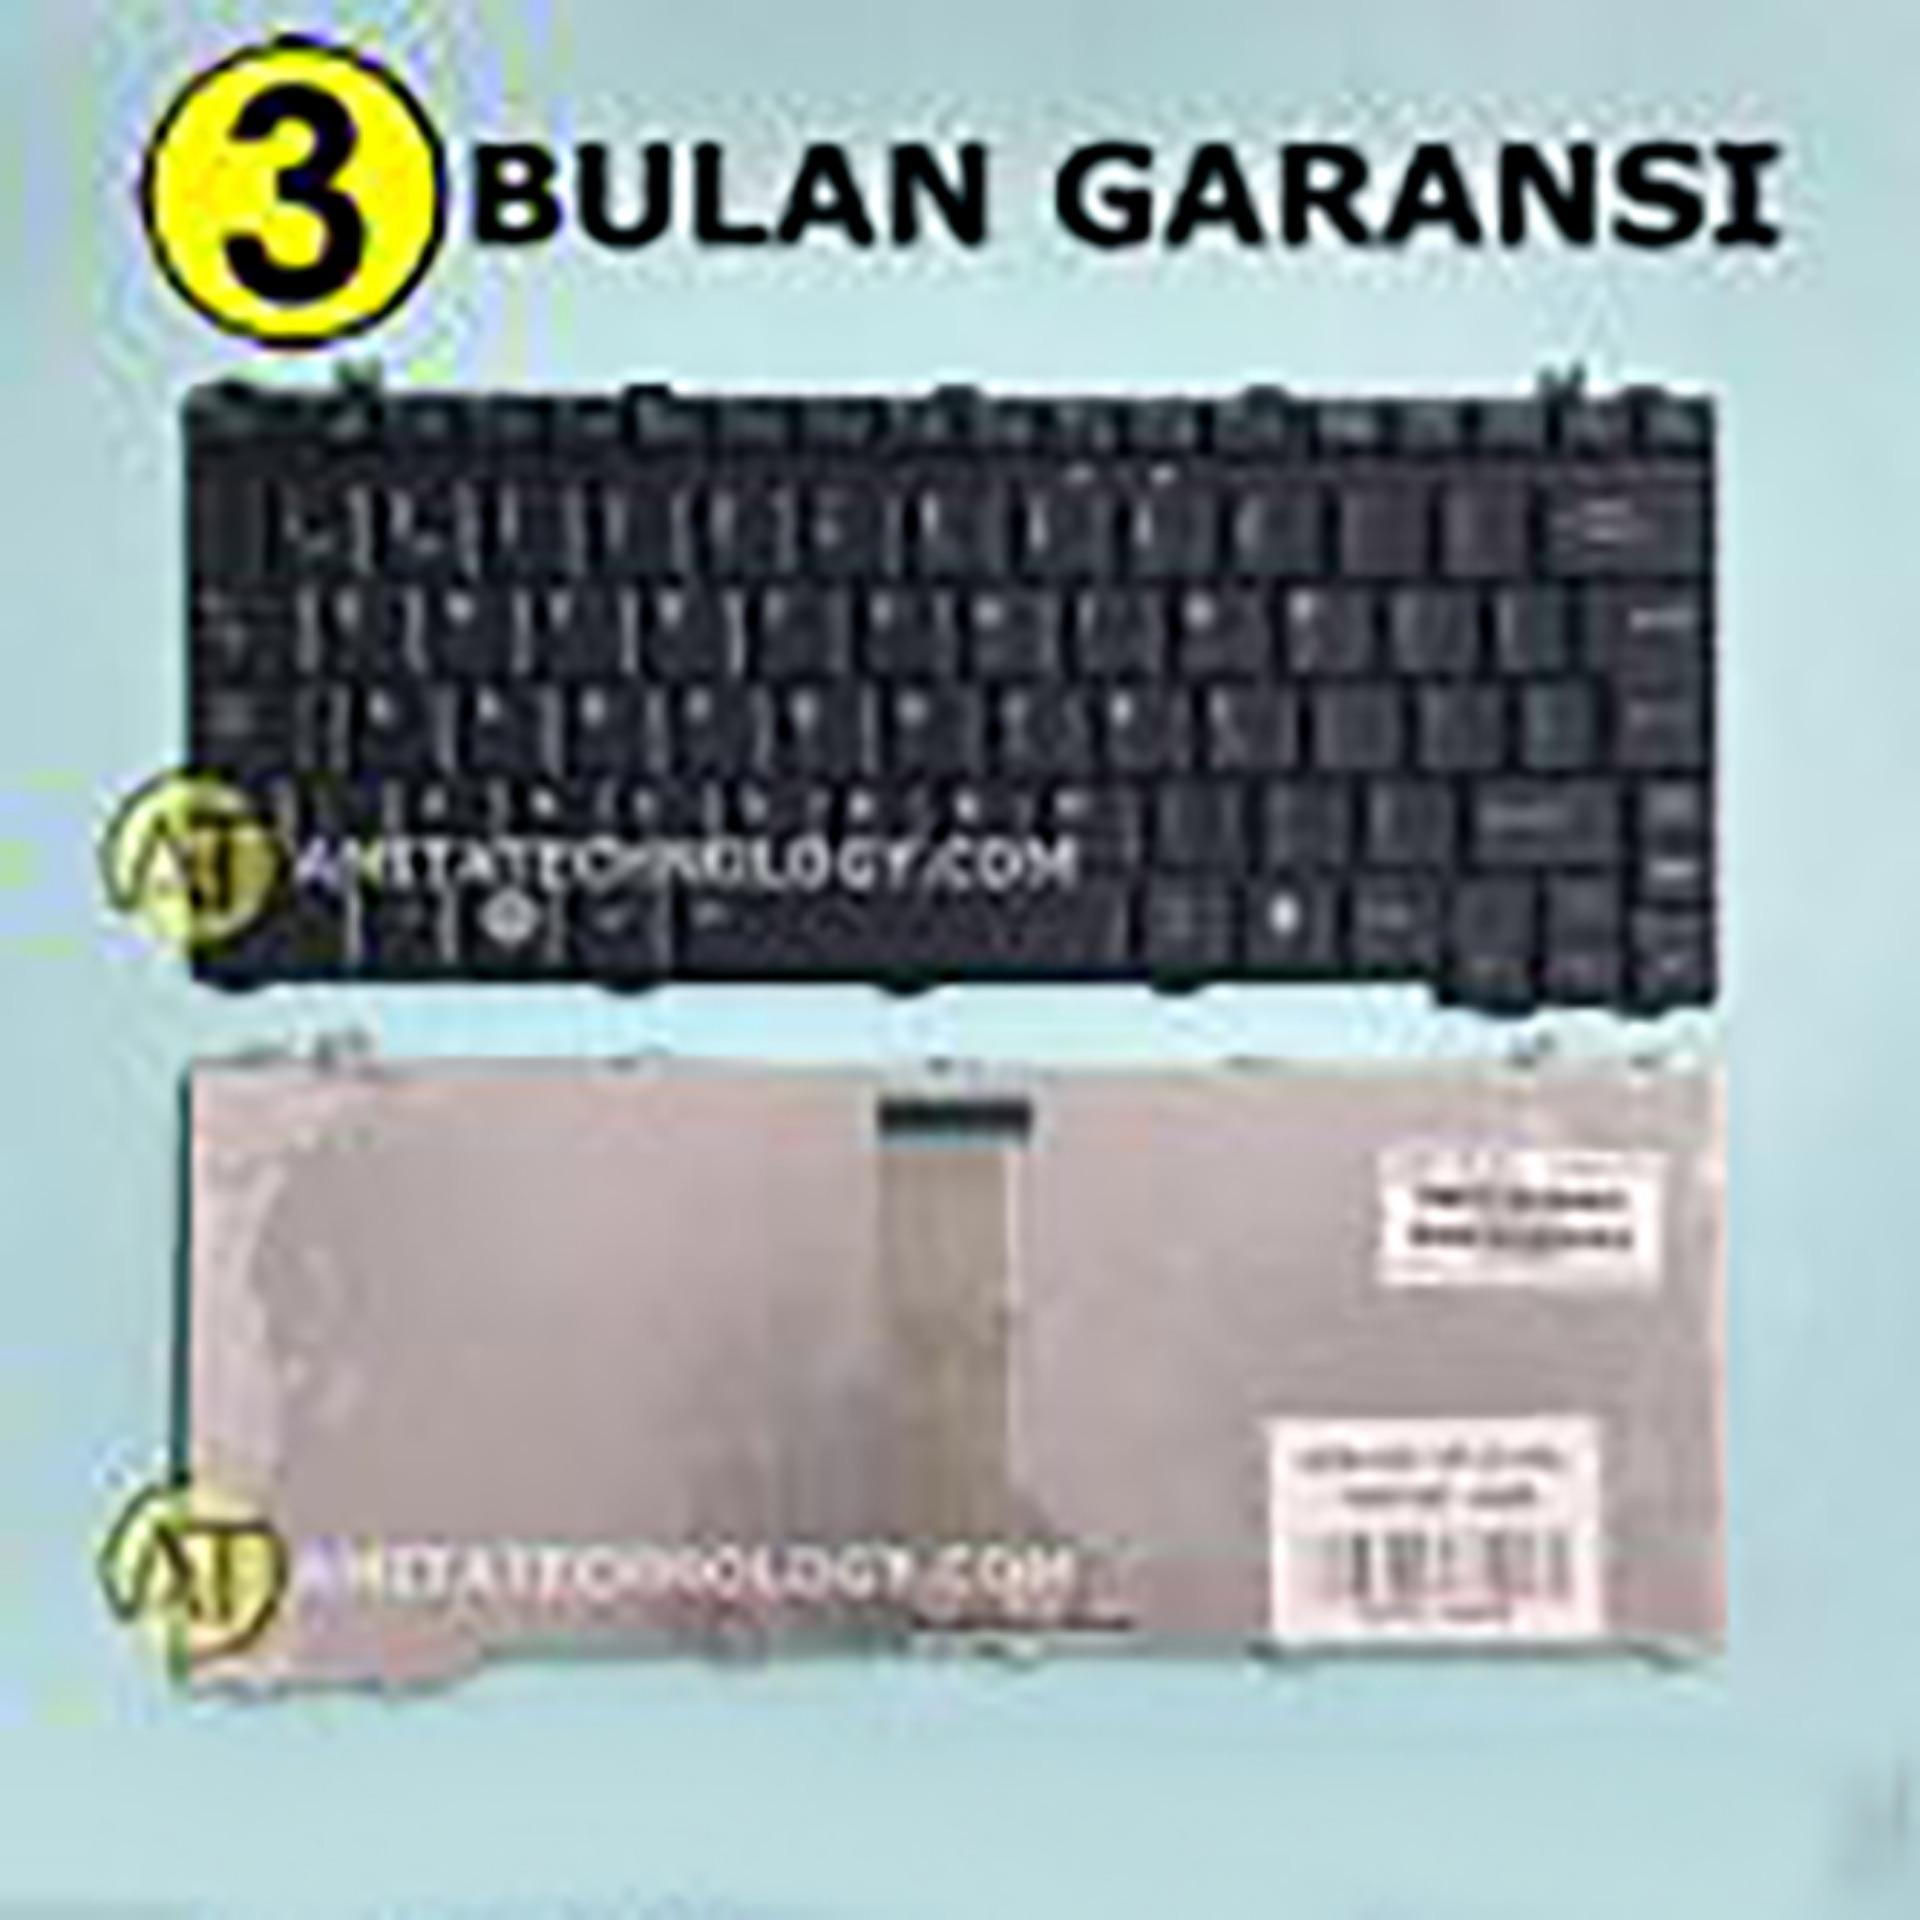 Amita - Keyboard Laptop ORIGINAL Toshiba U400 U500 M300 M800 T130 T135 A600